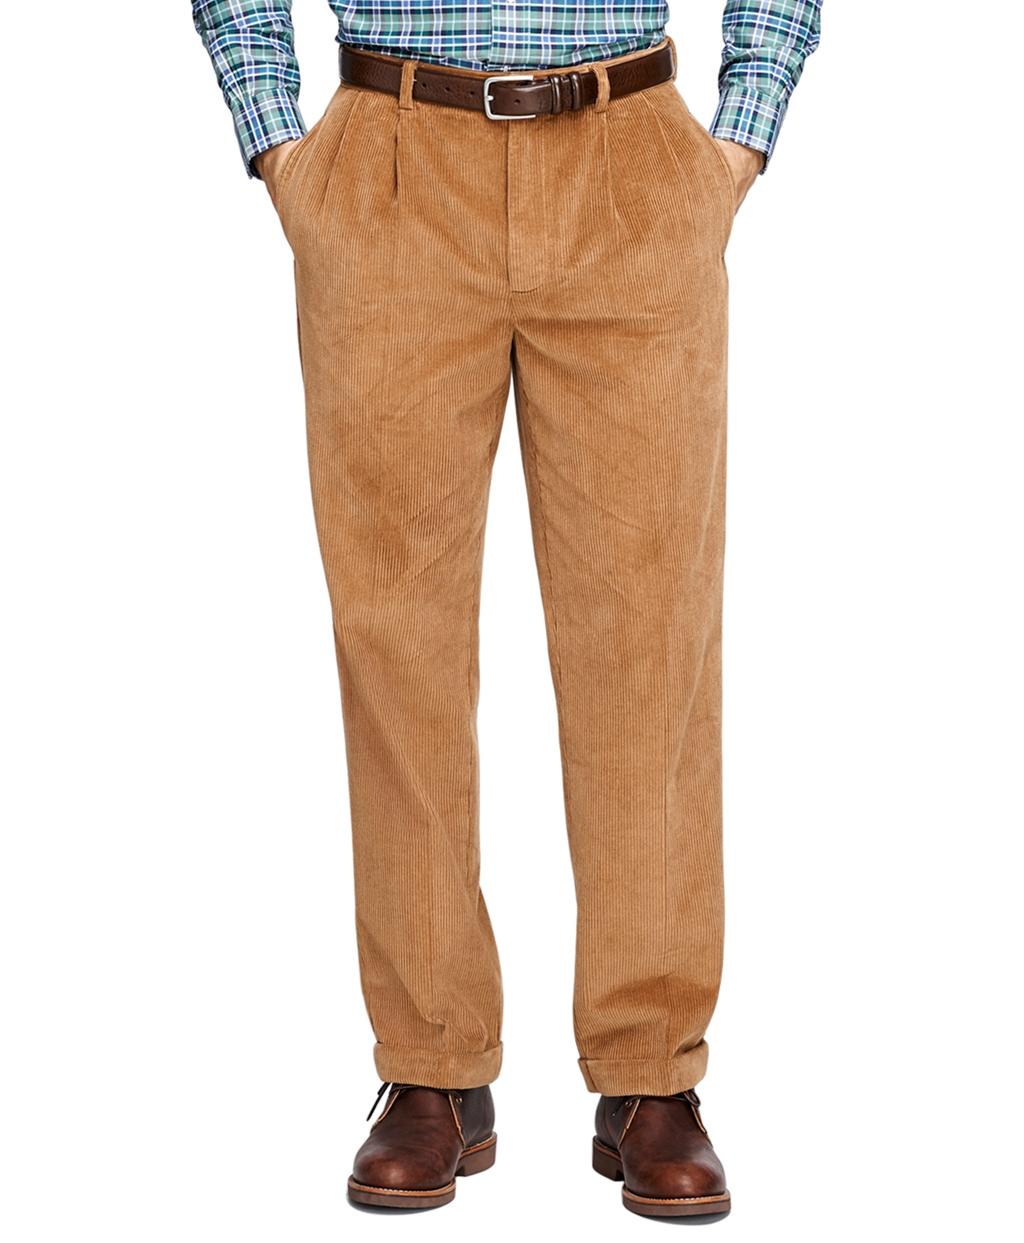 Manšestrové kalhoty – nejen volnočasová stálice  4d7a0cb08f